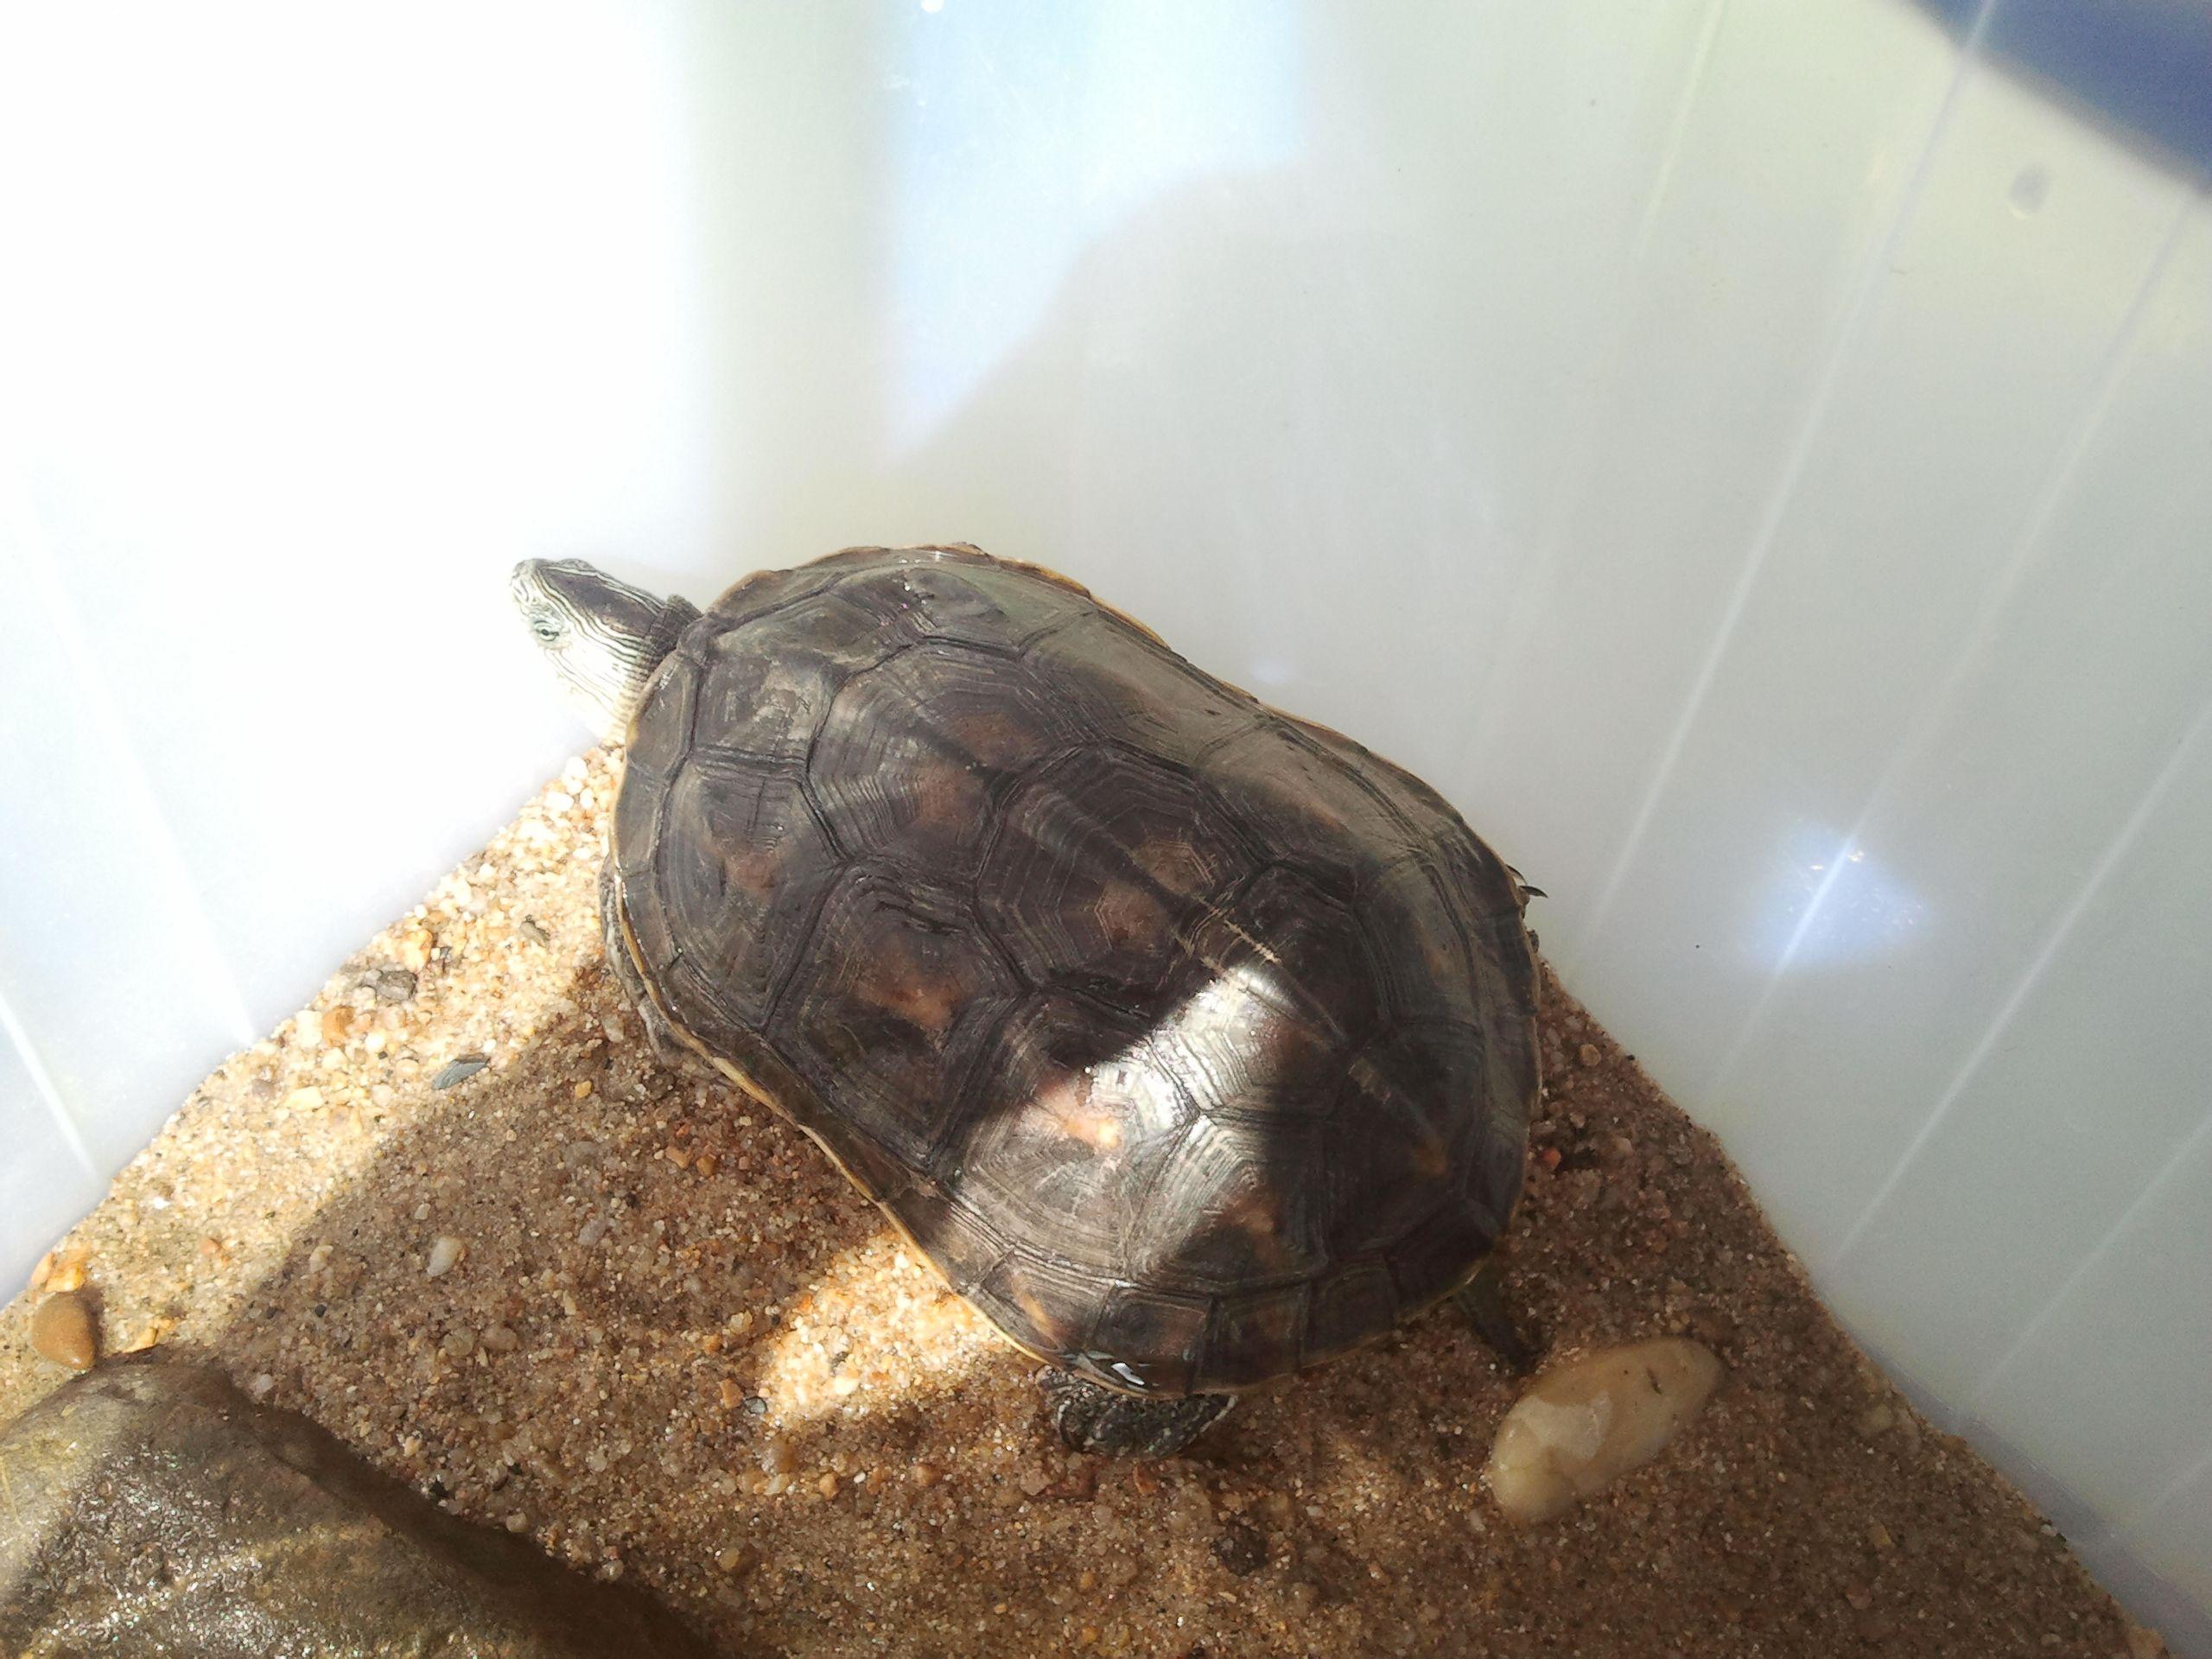 求鉴定乌龟的品种,谢谢